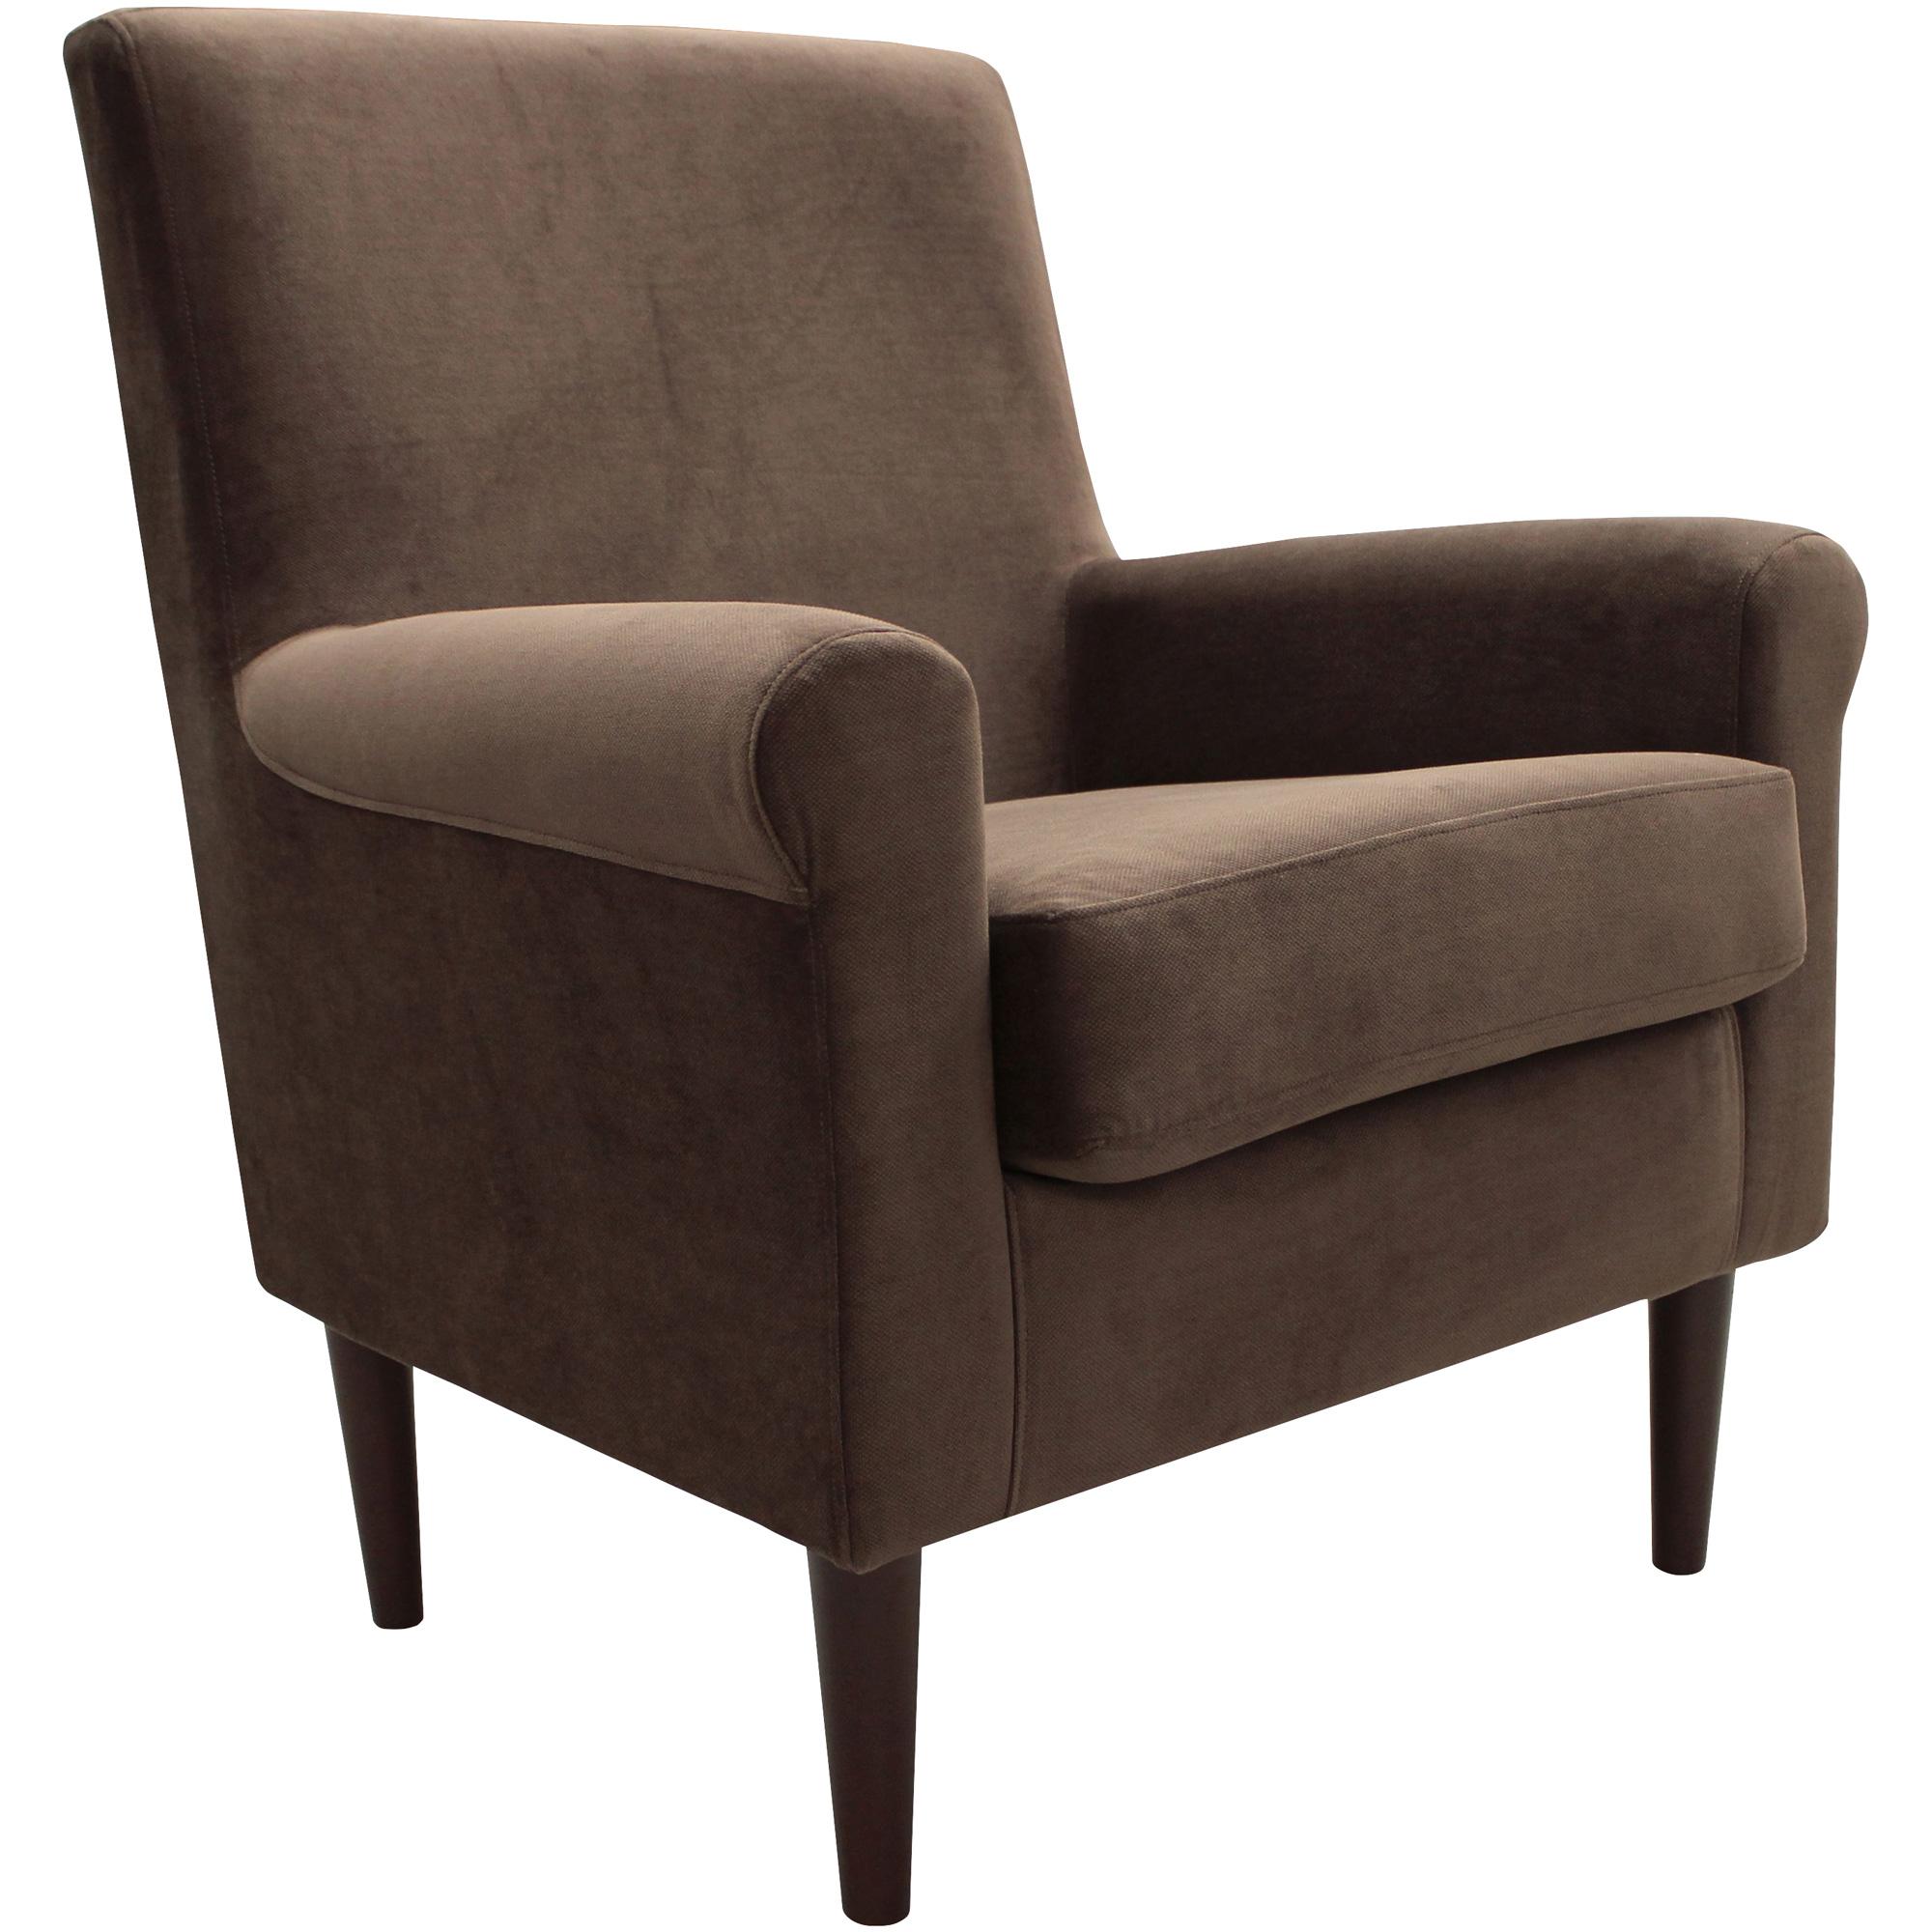 Overman | Ellis Pecan Accent Chair